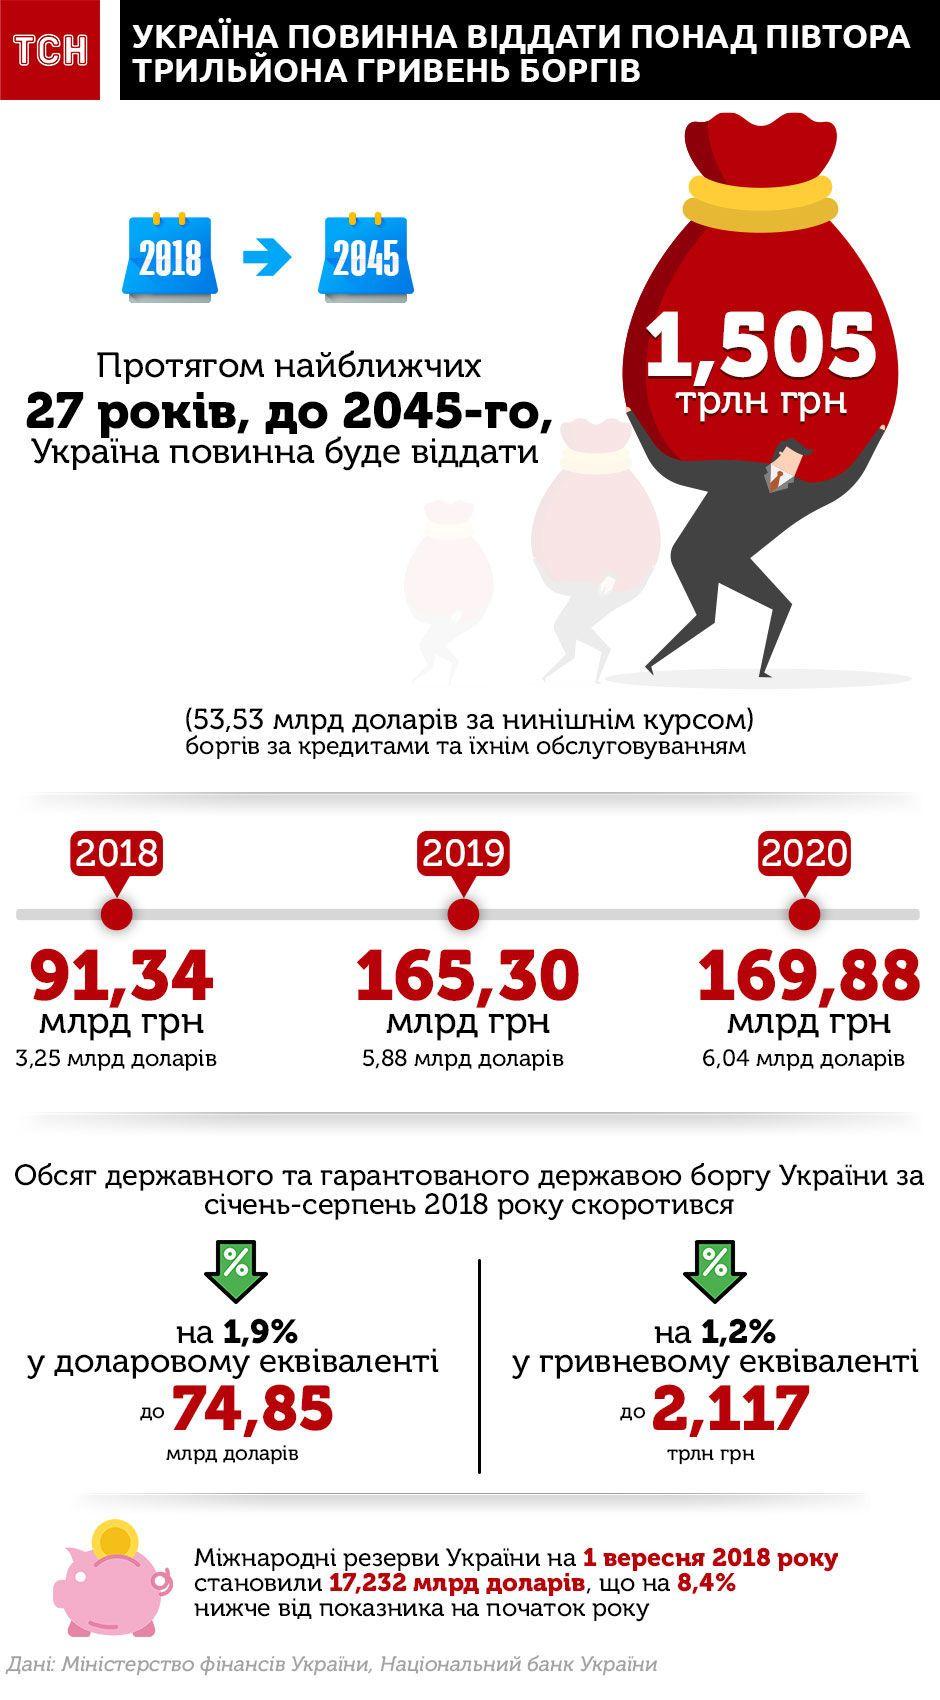 держборг України